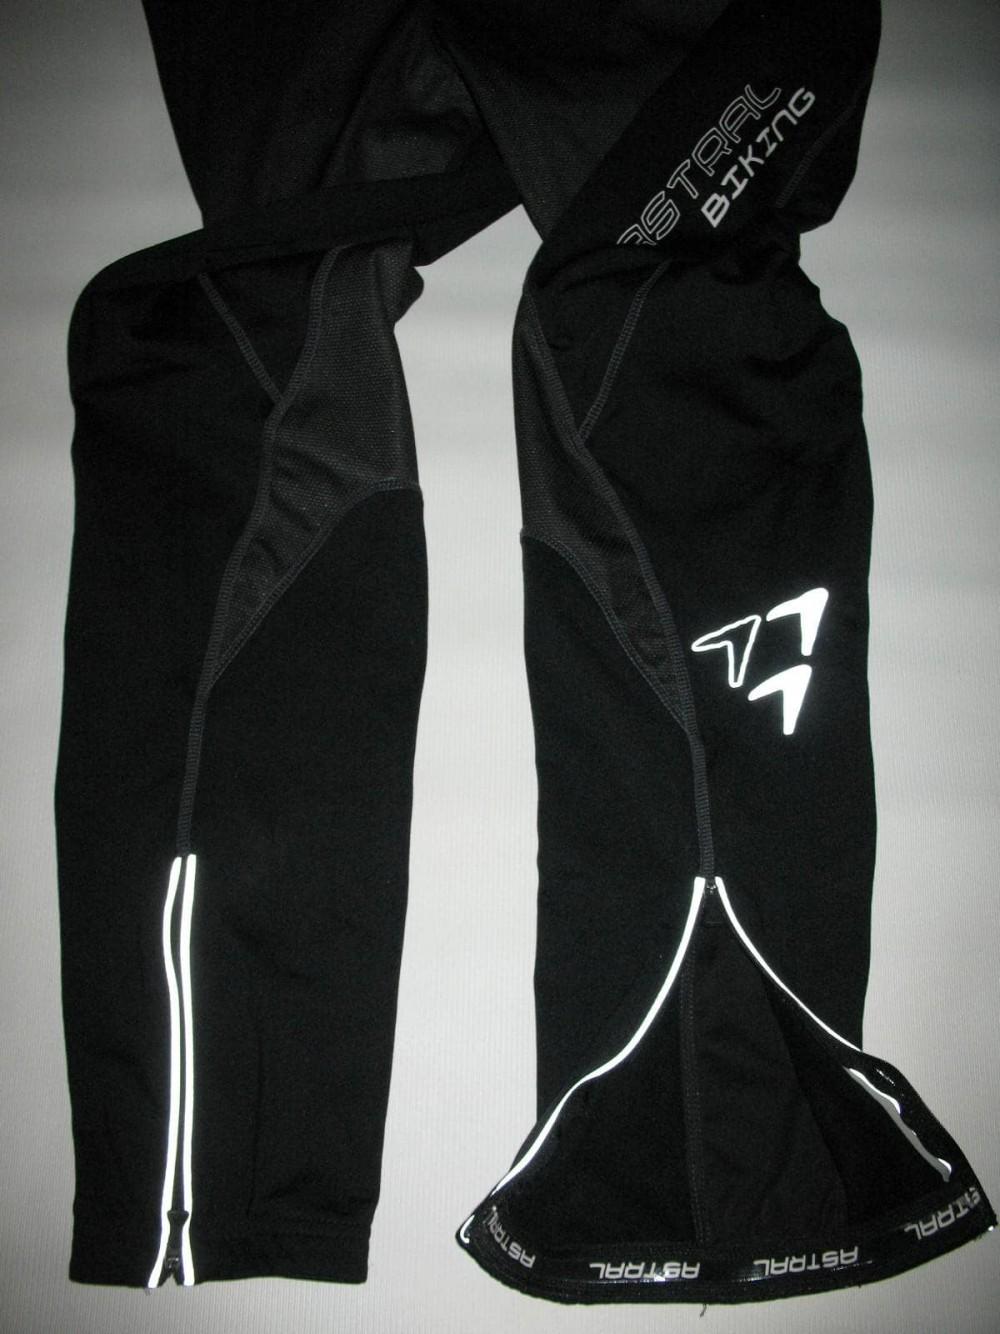 Велобрюки ASTRAL biking bib tight long pants (размер XL/XXL) - 5